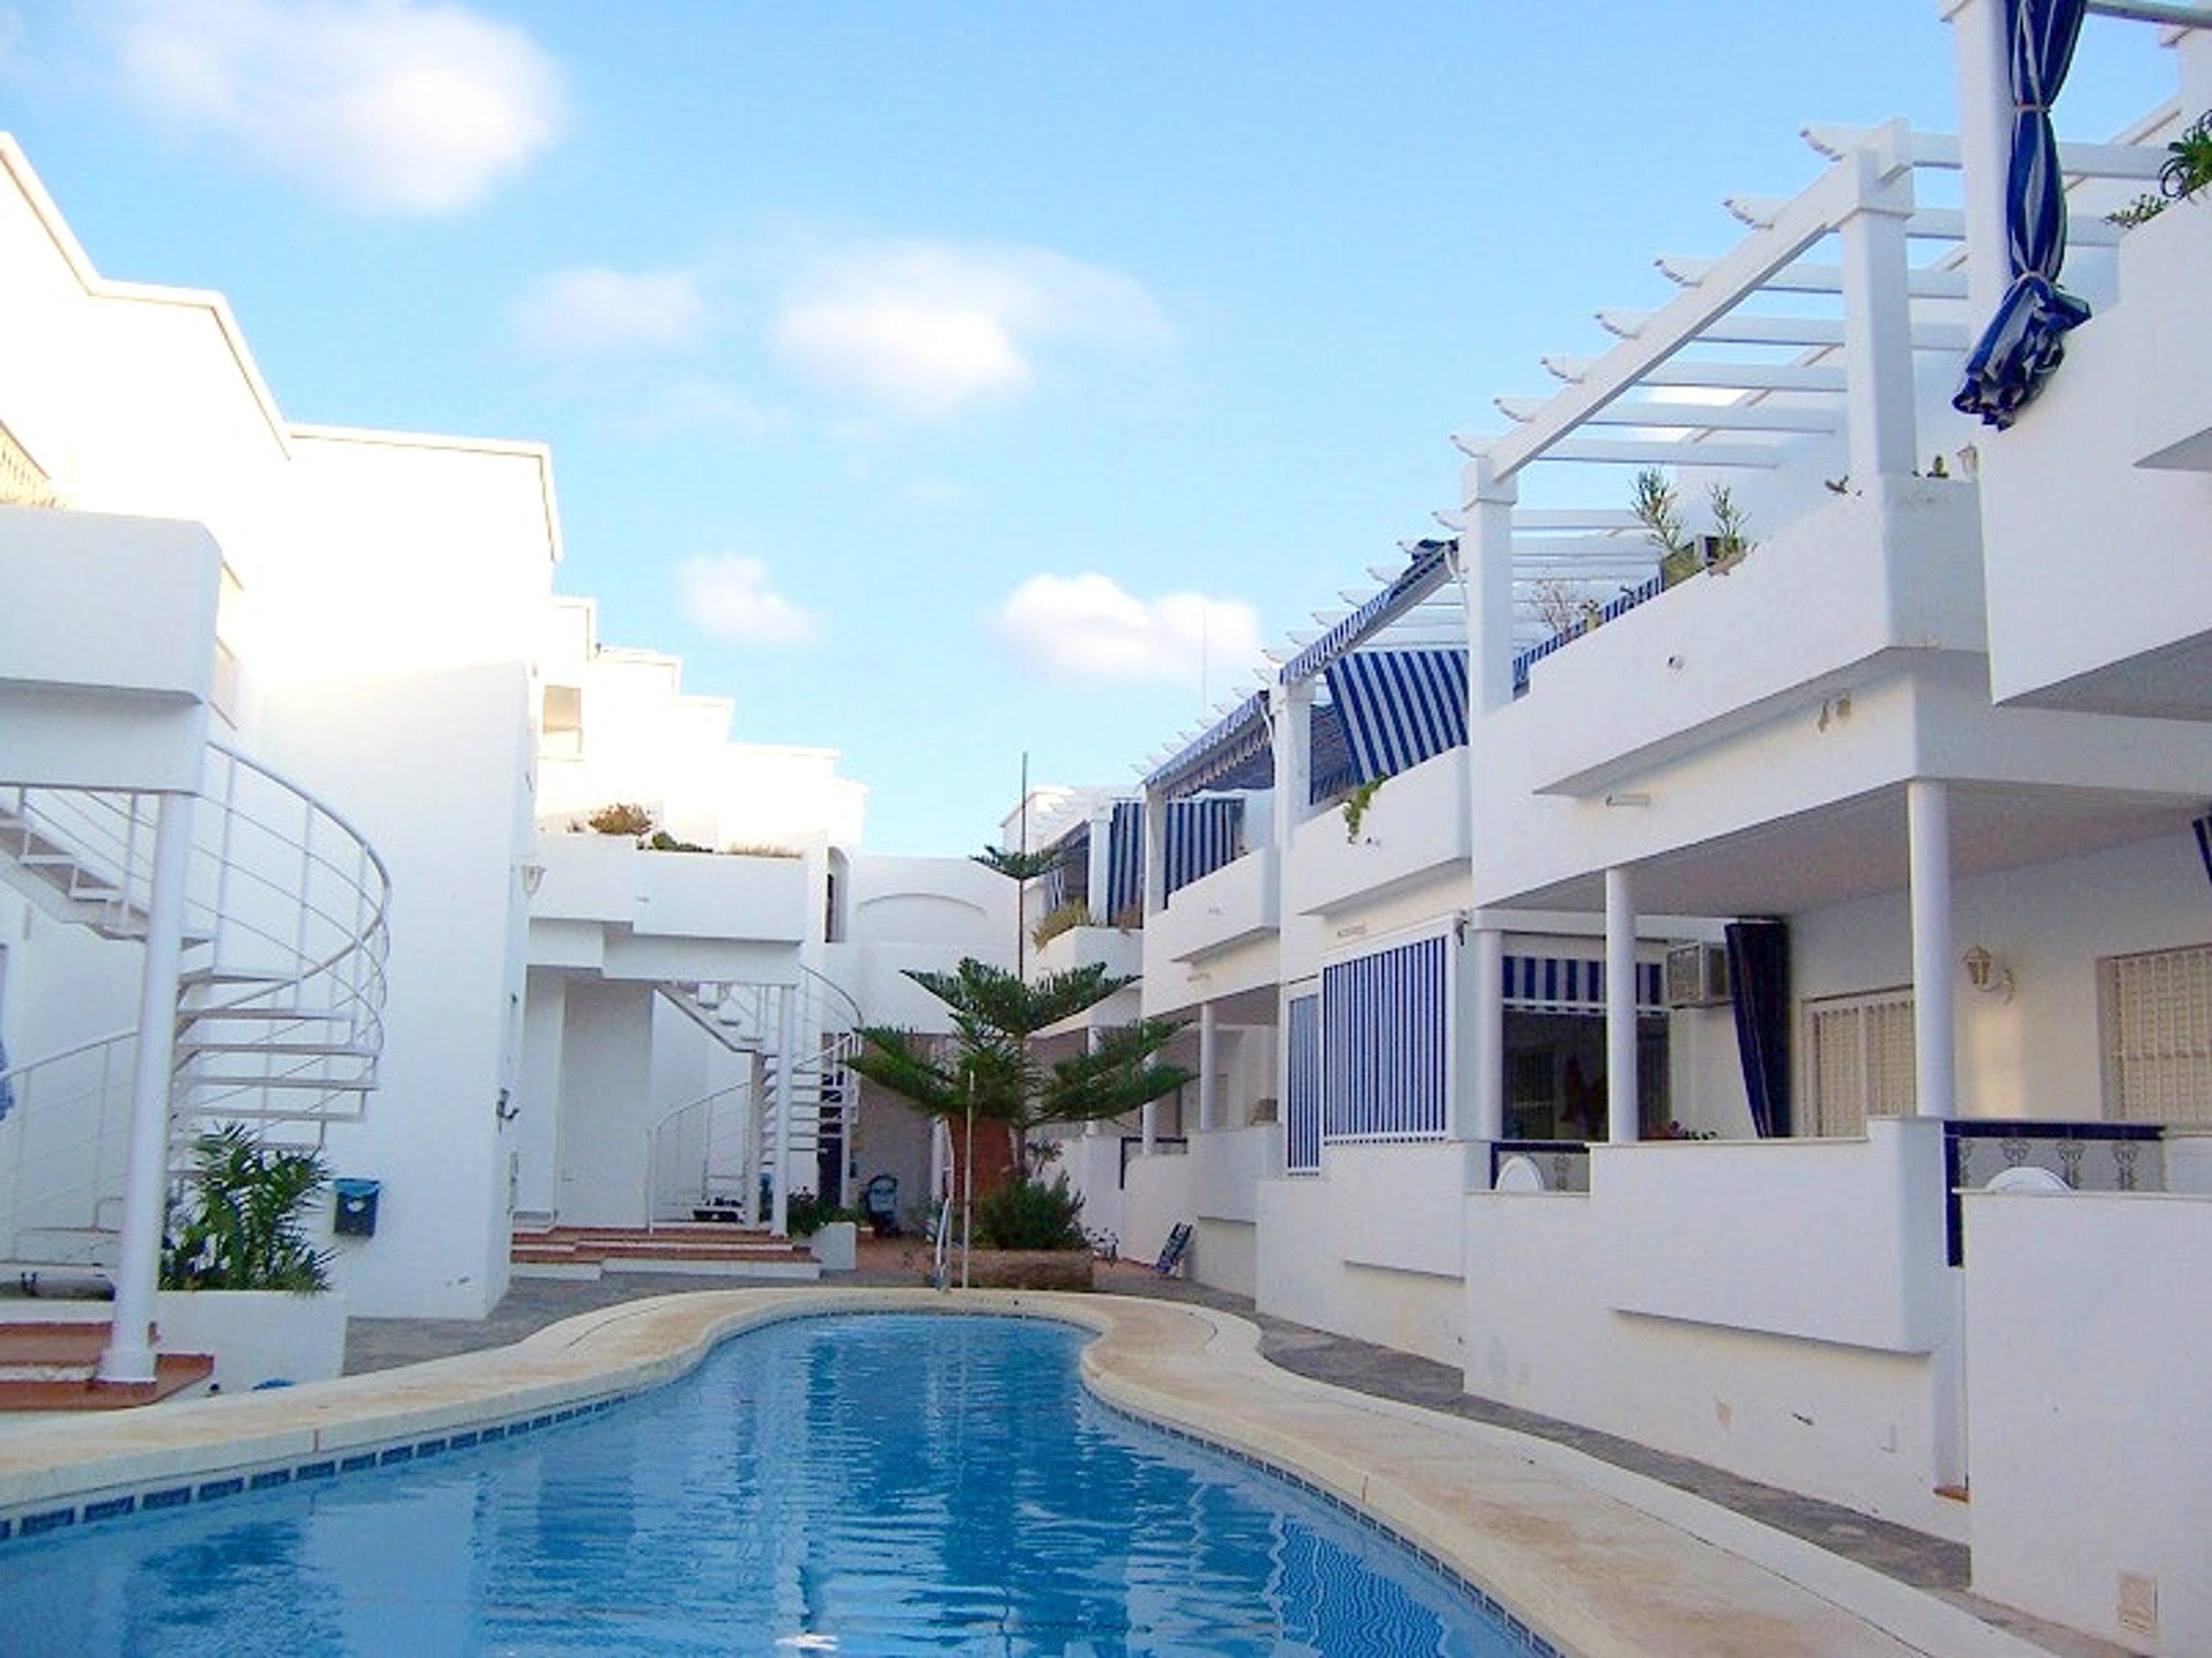 Ferienwohnung Wohnung mit 2 Schlafzimmern in San José de Nijar mit privatem Pool, Terrasse und W-LAN - 5 (2271490), San Jose, Costa de Almeria, Andalusien, Spanien, Bild 5